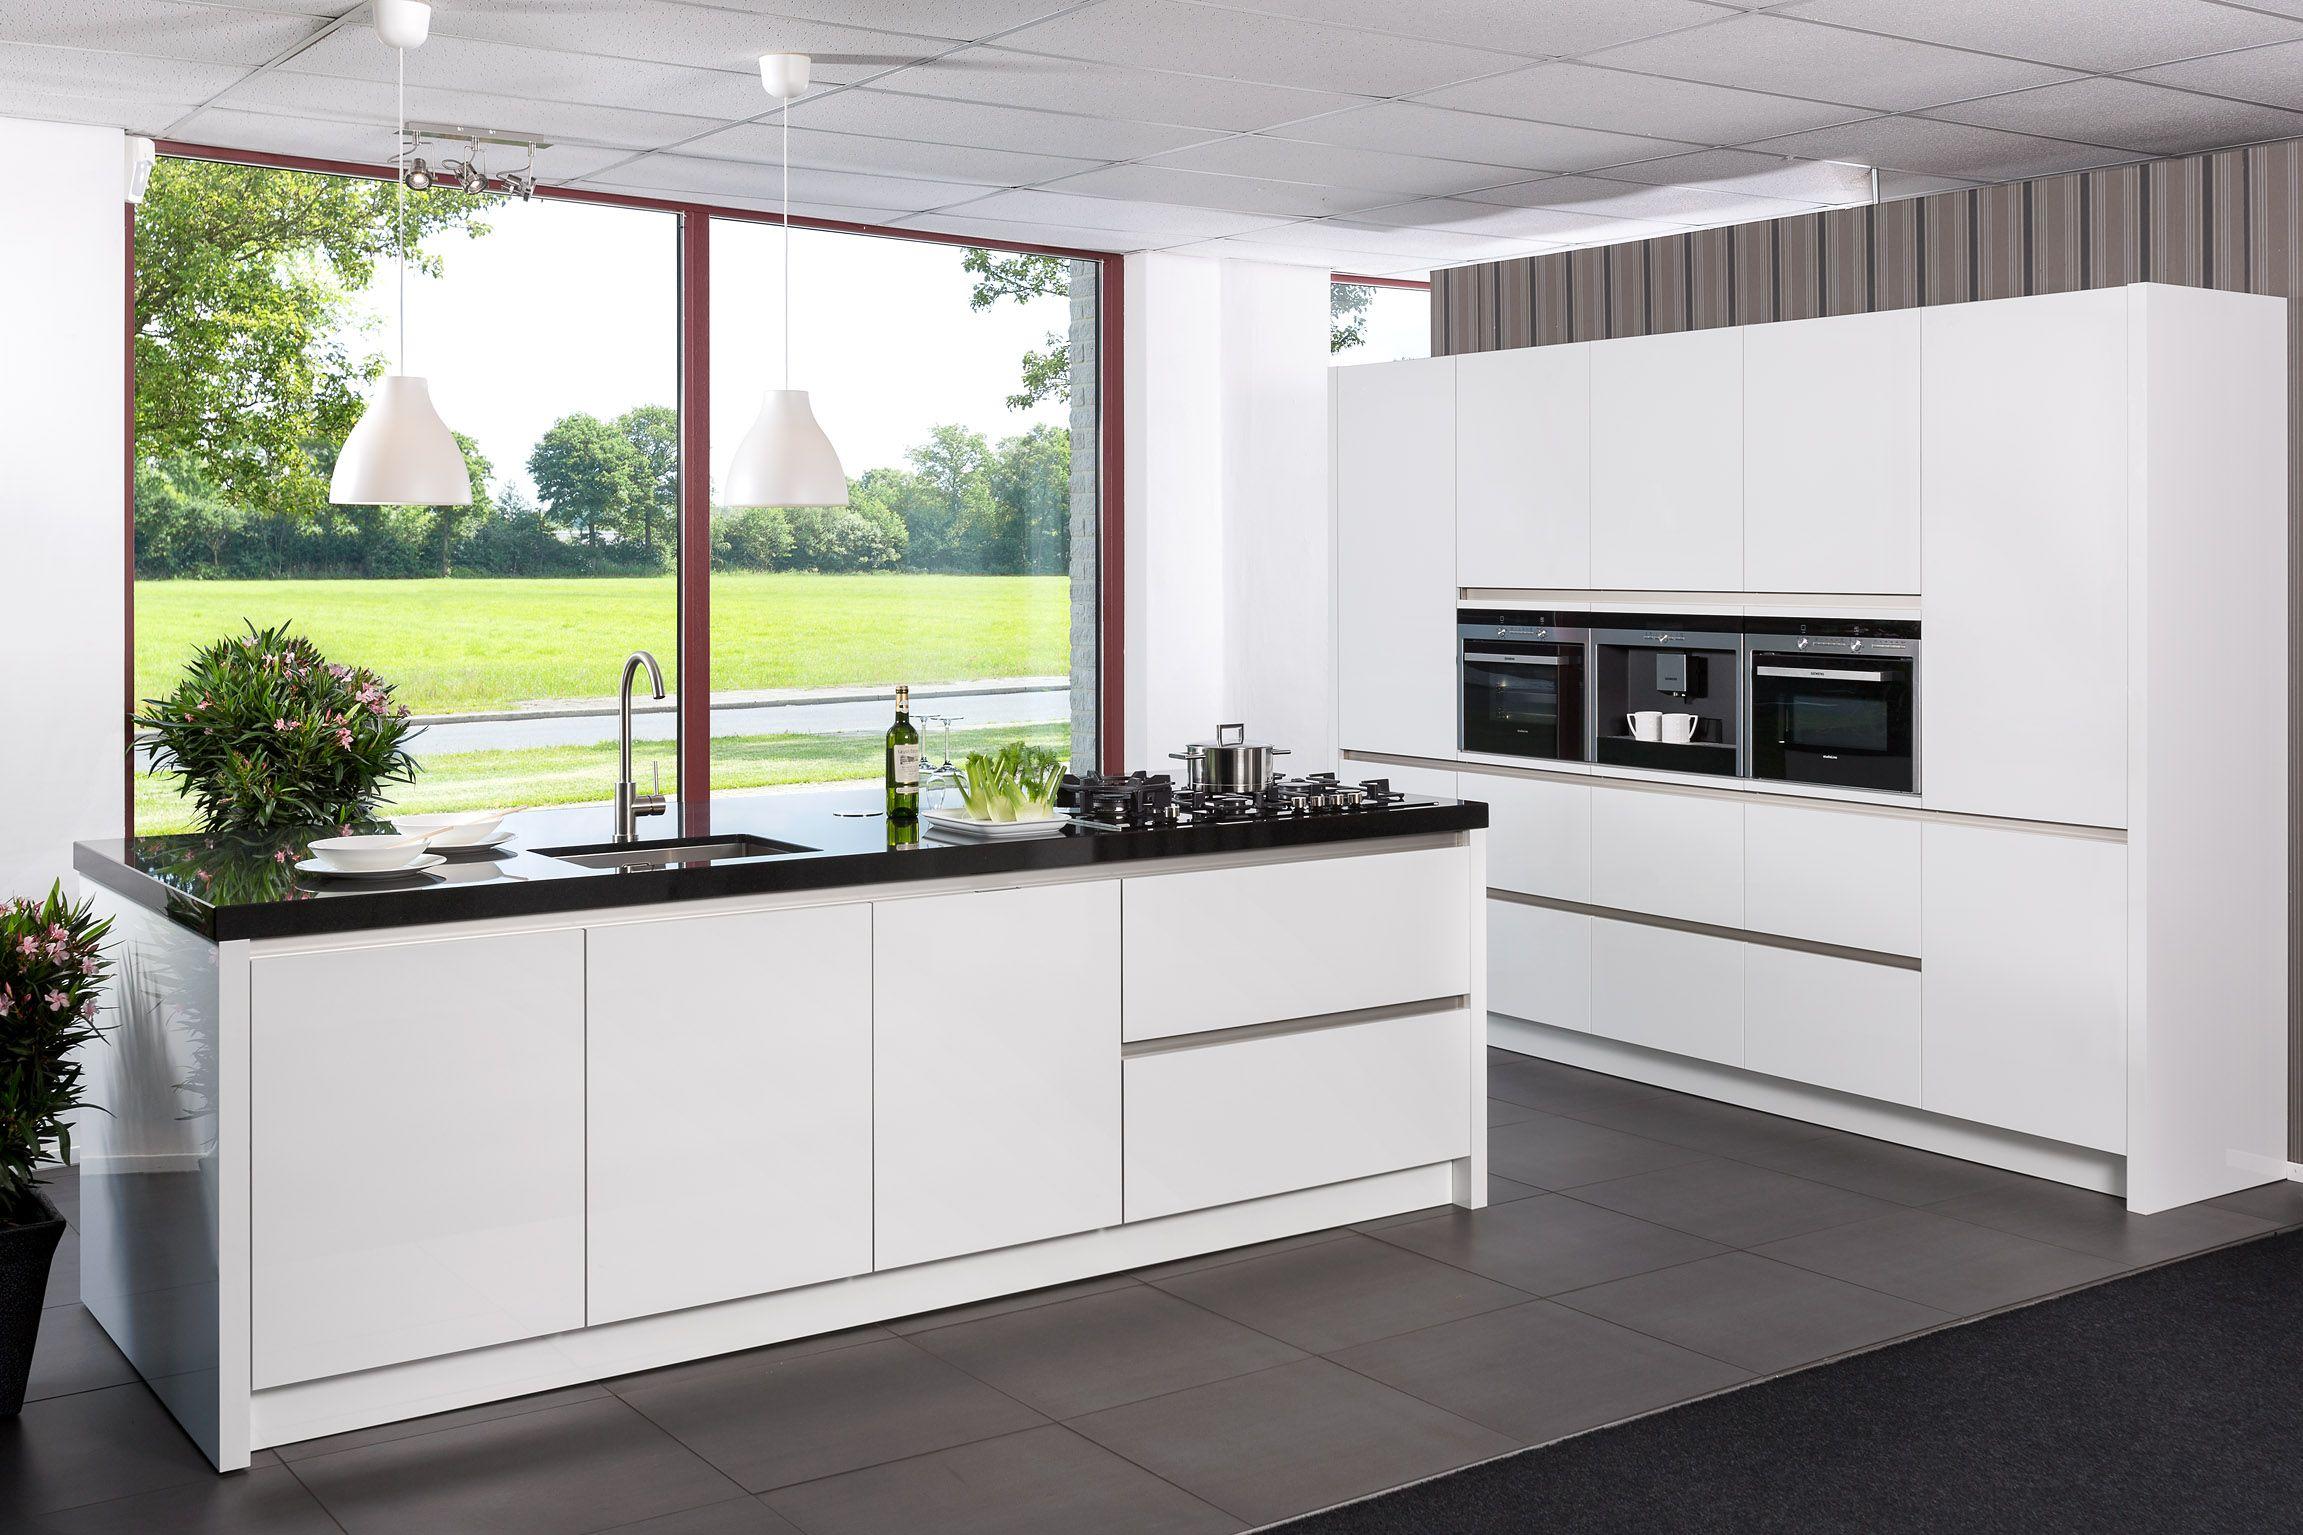 Design Keuken Greeploos : Showroomuitverkoop.nl greeploze siemens keuken [52869]